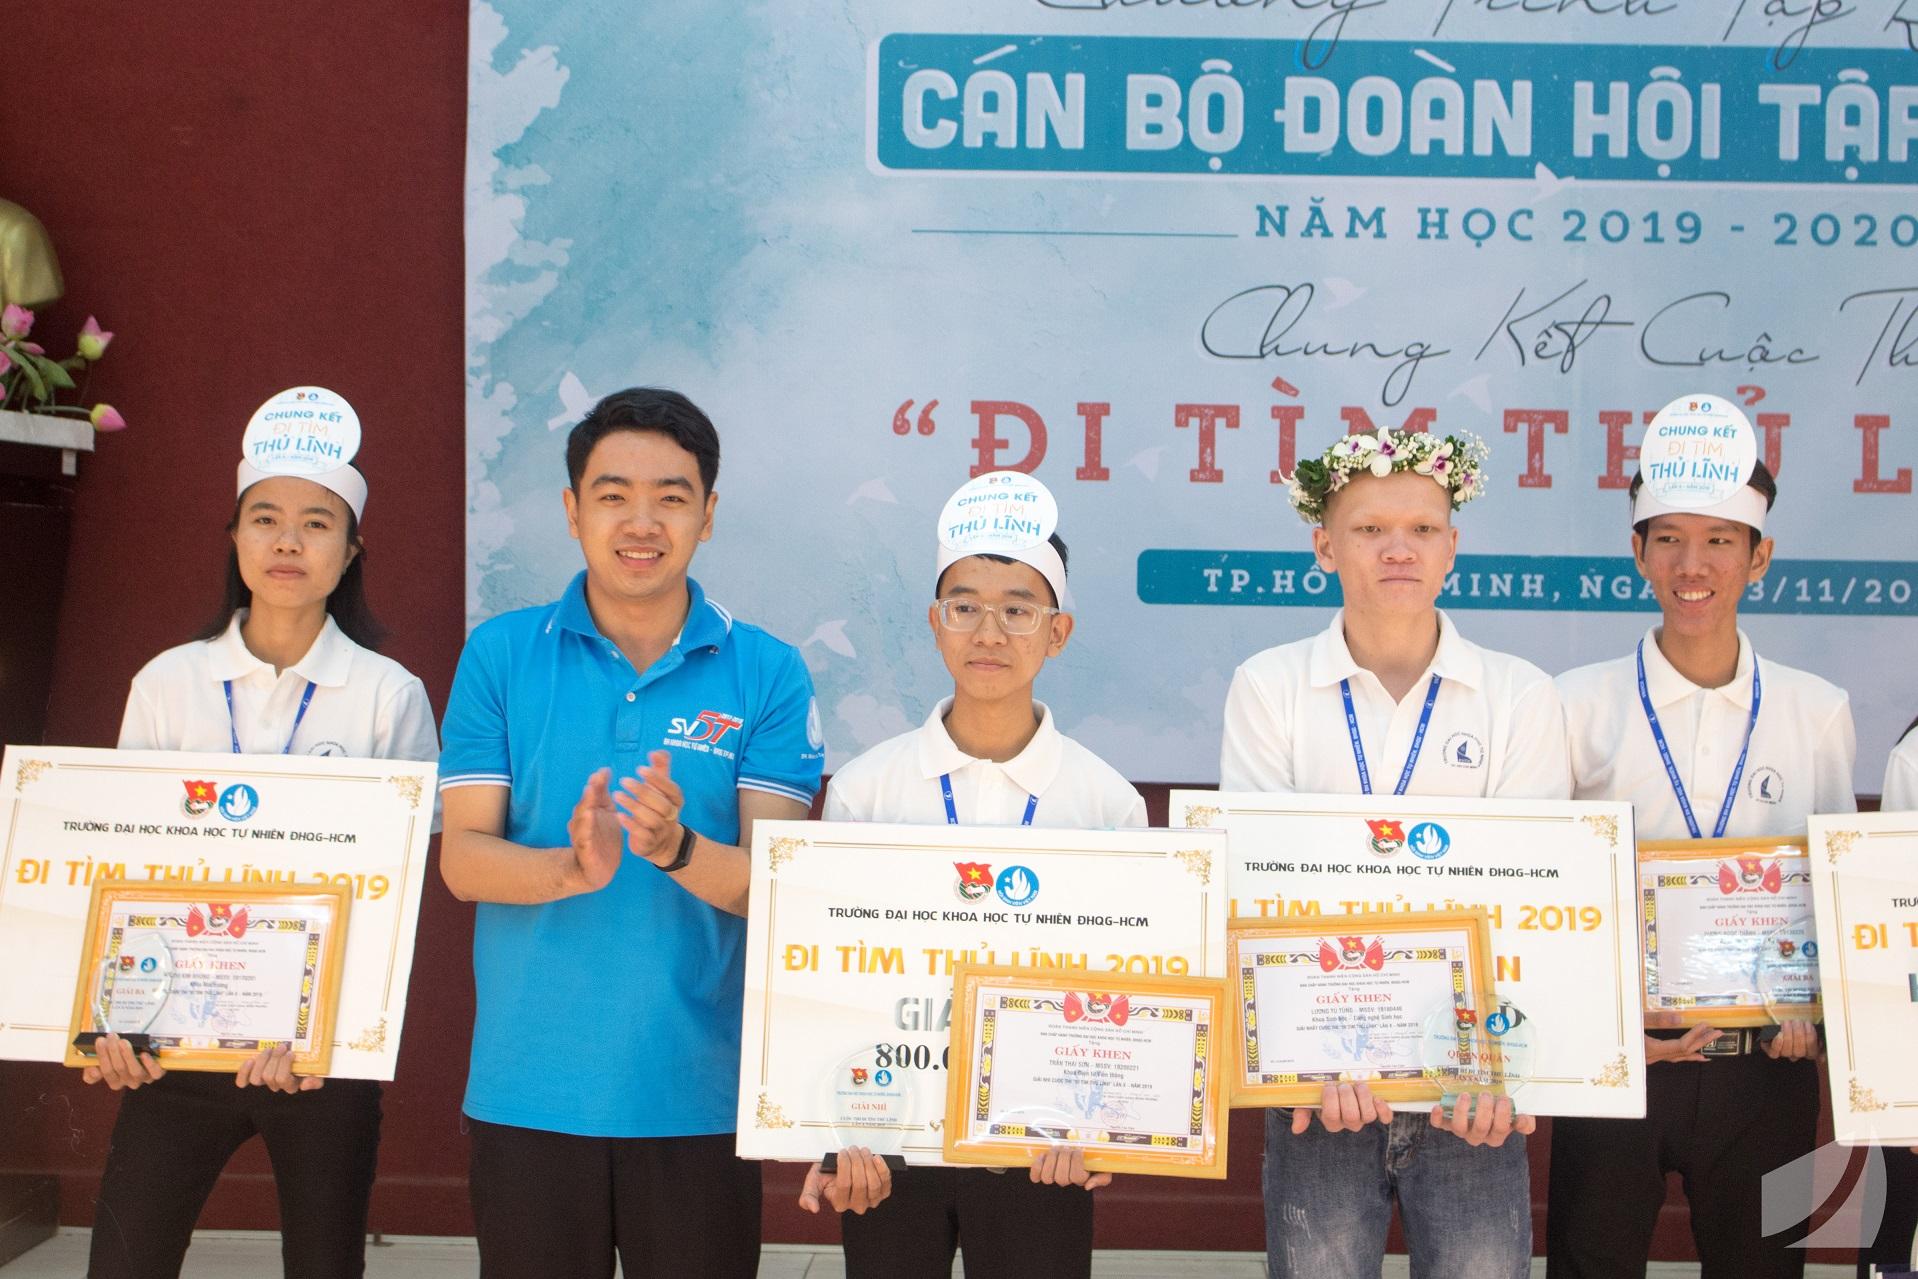 Thí sinh Lương Tú Tùng (mang vòng nguyệt quế) xuất sắc giành giải nhất Cuộc thi Đi Tìm Thủ Lĩnh